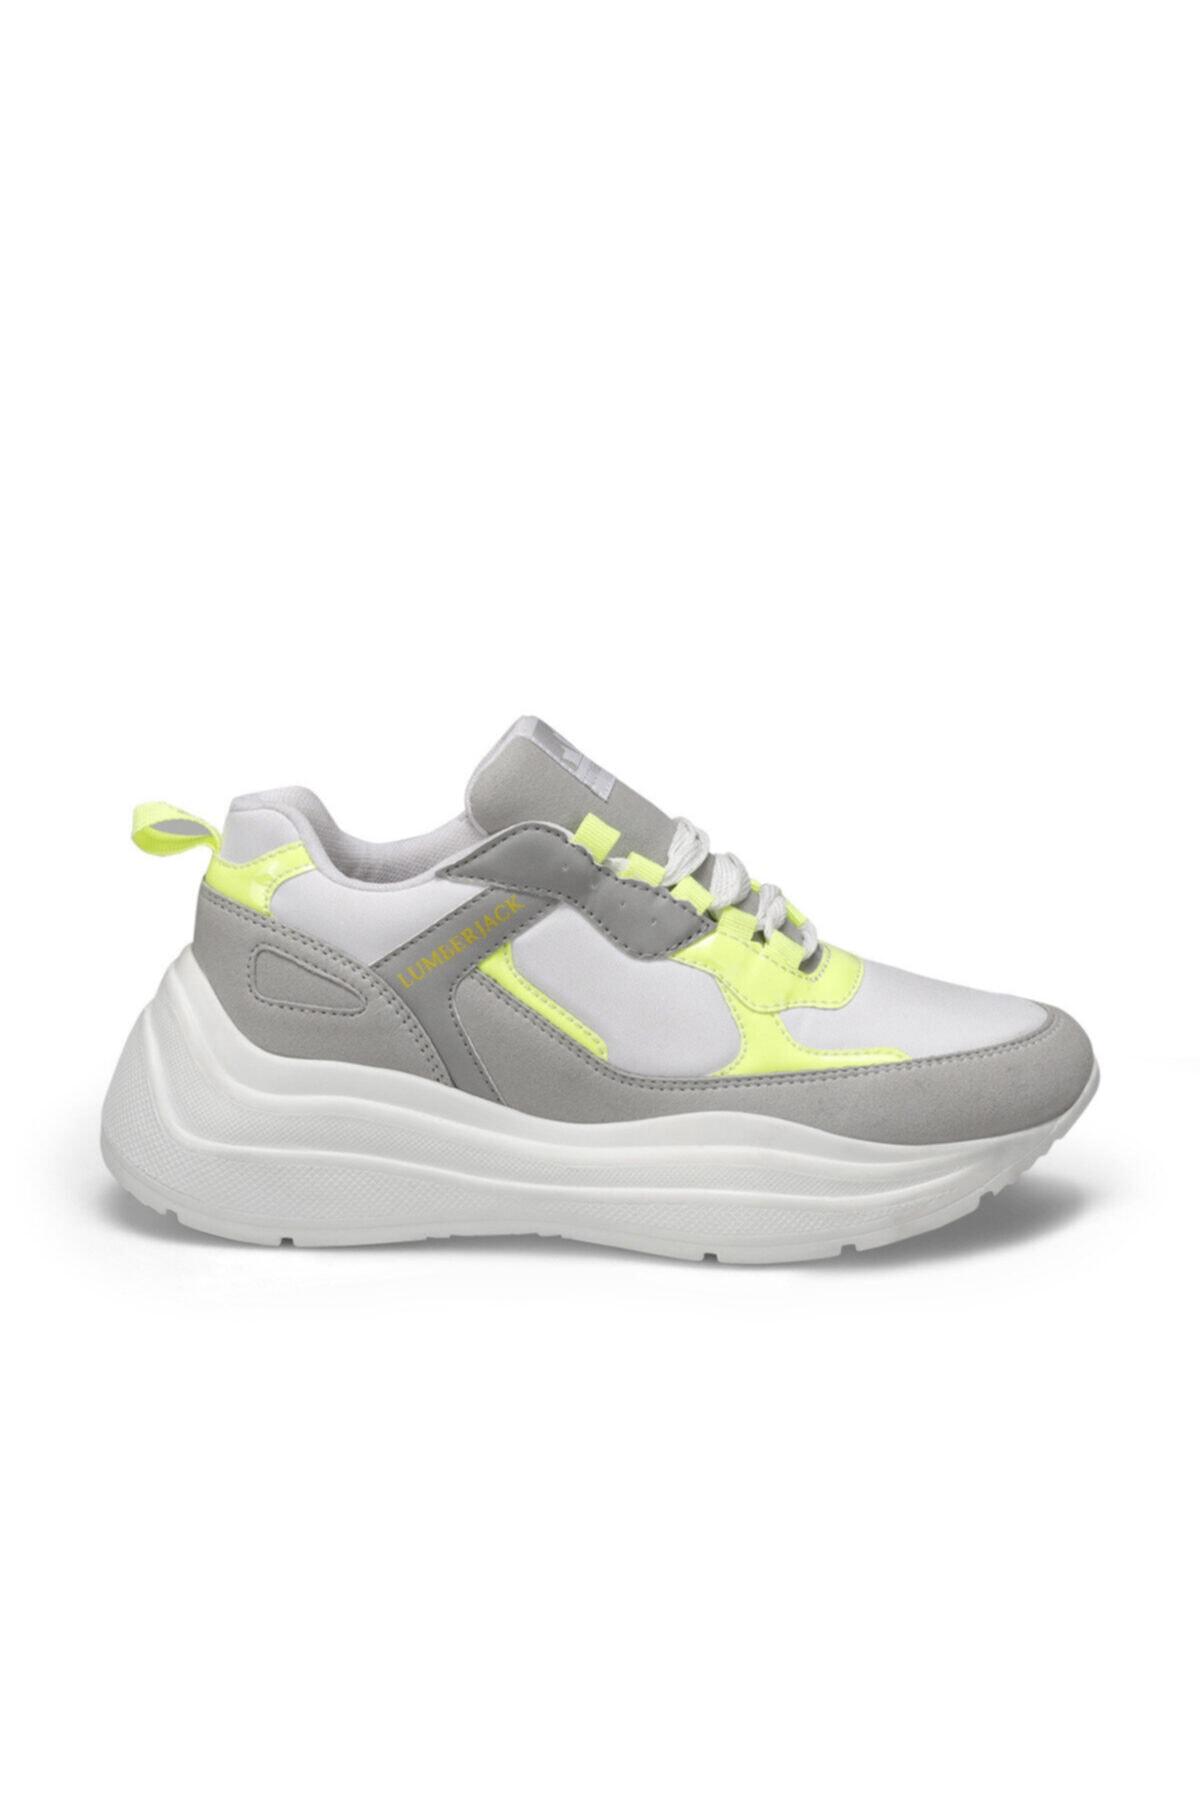 lumberjack LOVE Beyaz Kadın Kalın Taban Sneaker Spor Ayakkabı 100486545 2